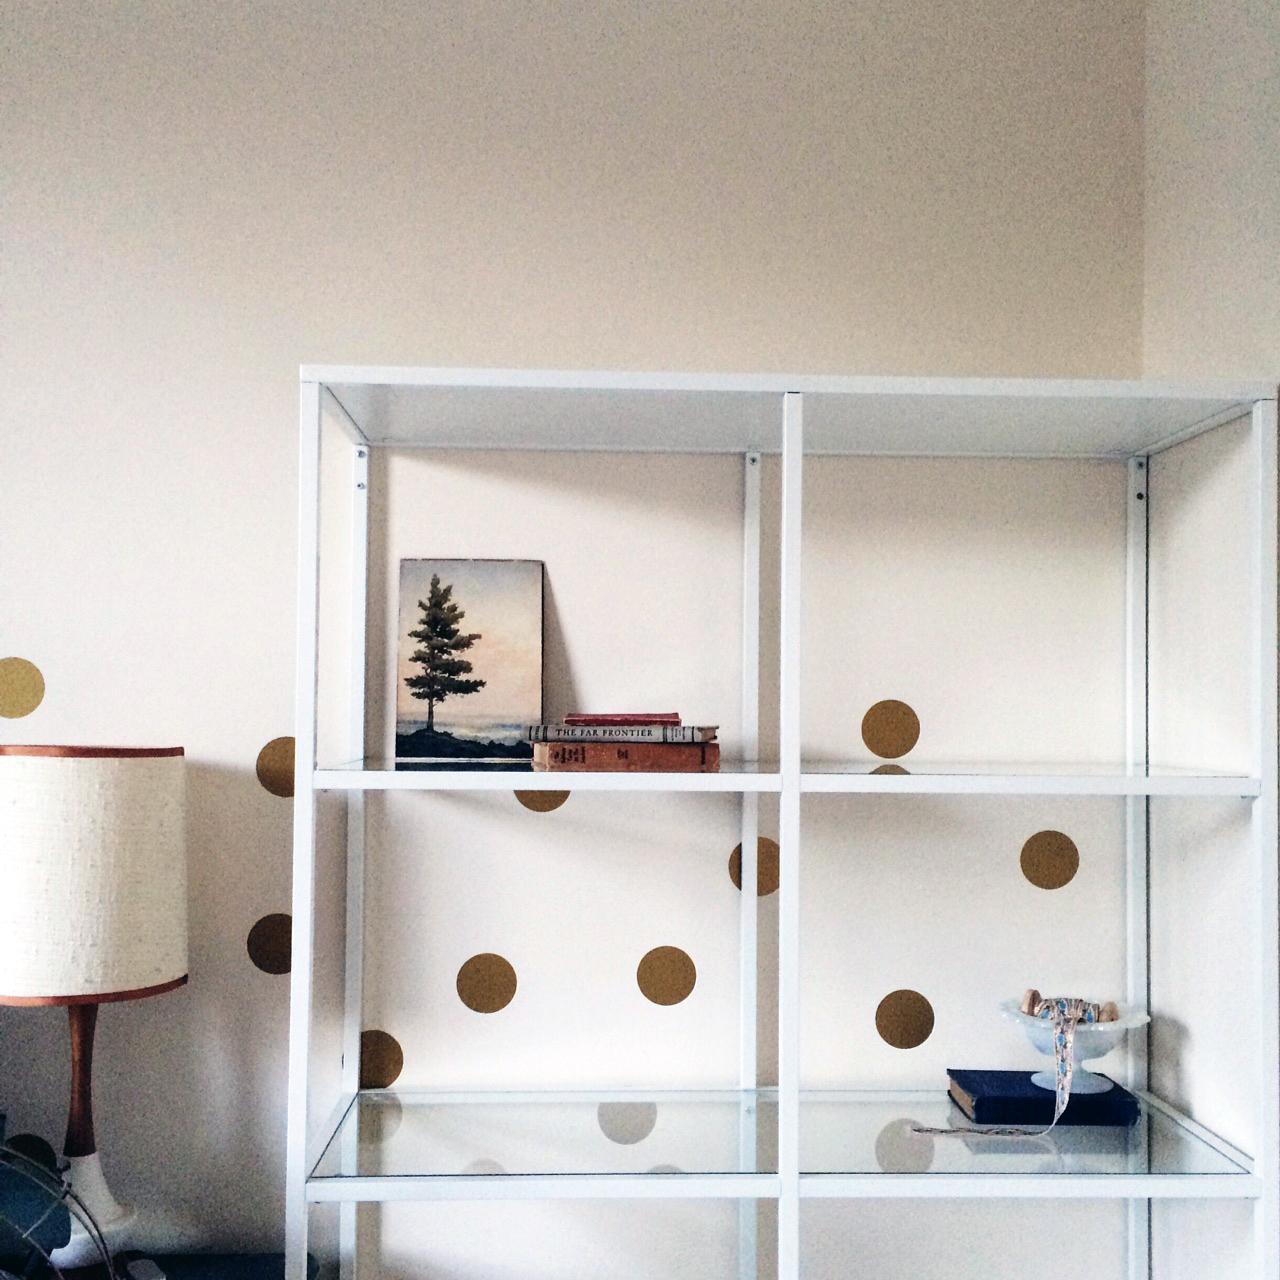 putting together IKEA bookshelves with vintage artwork